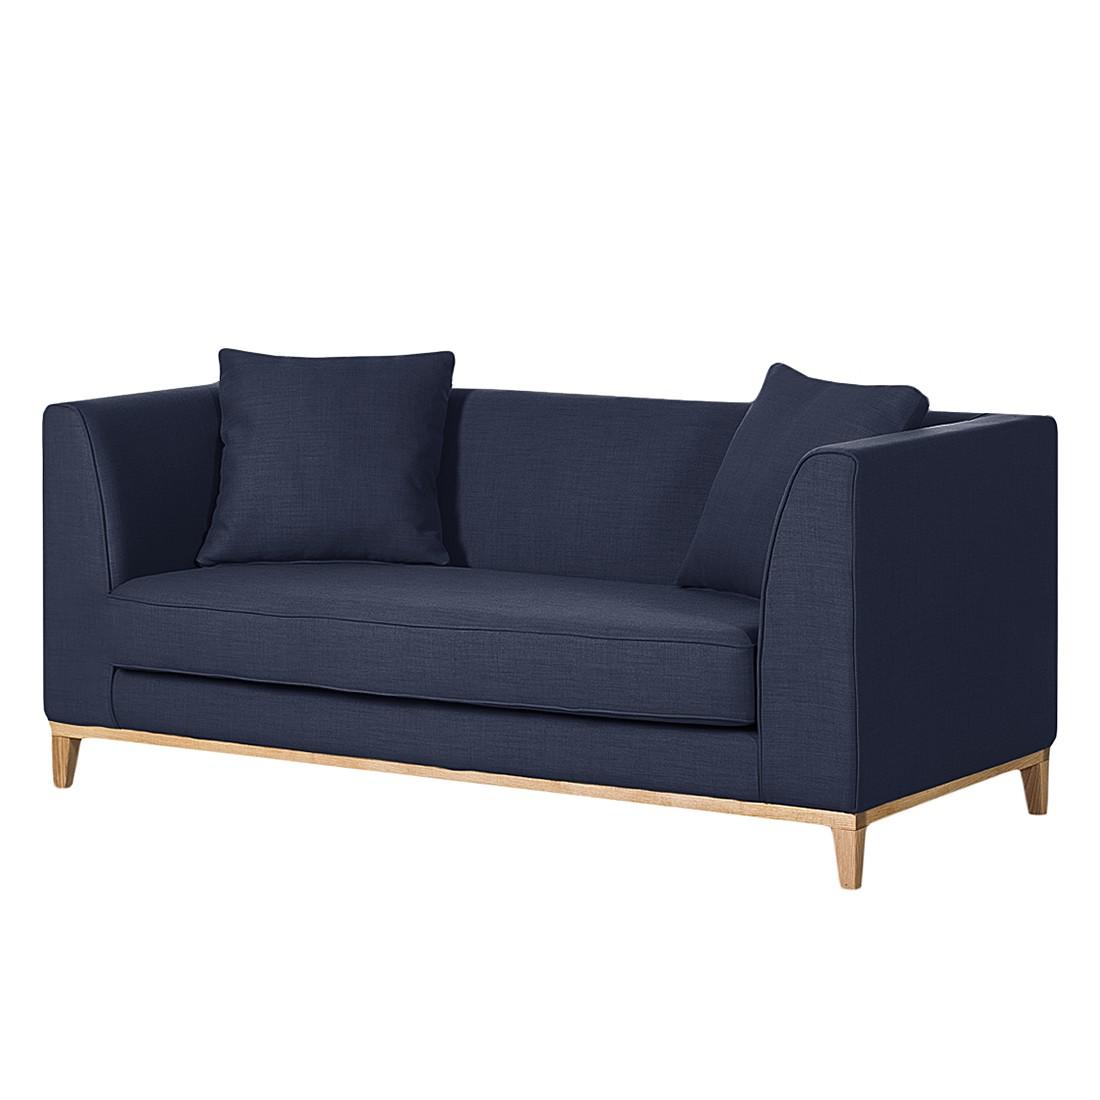 Canapé Blomma (2 places) - Tissu bleu foncé - Structure : couleur chêne, Jack and Alice